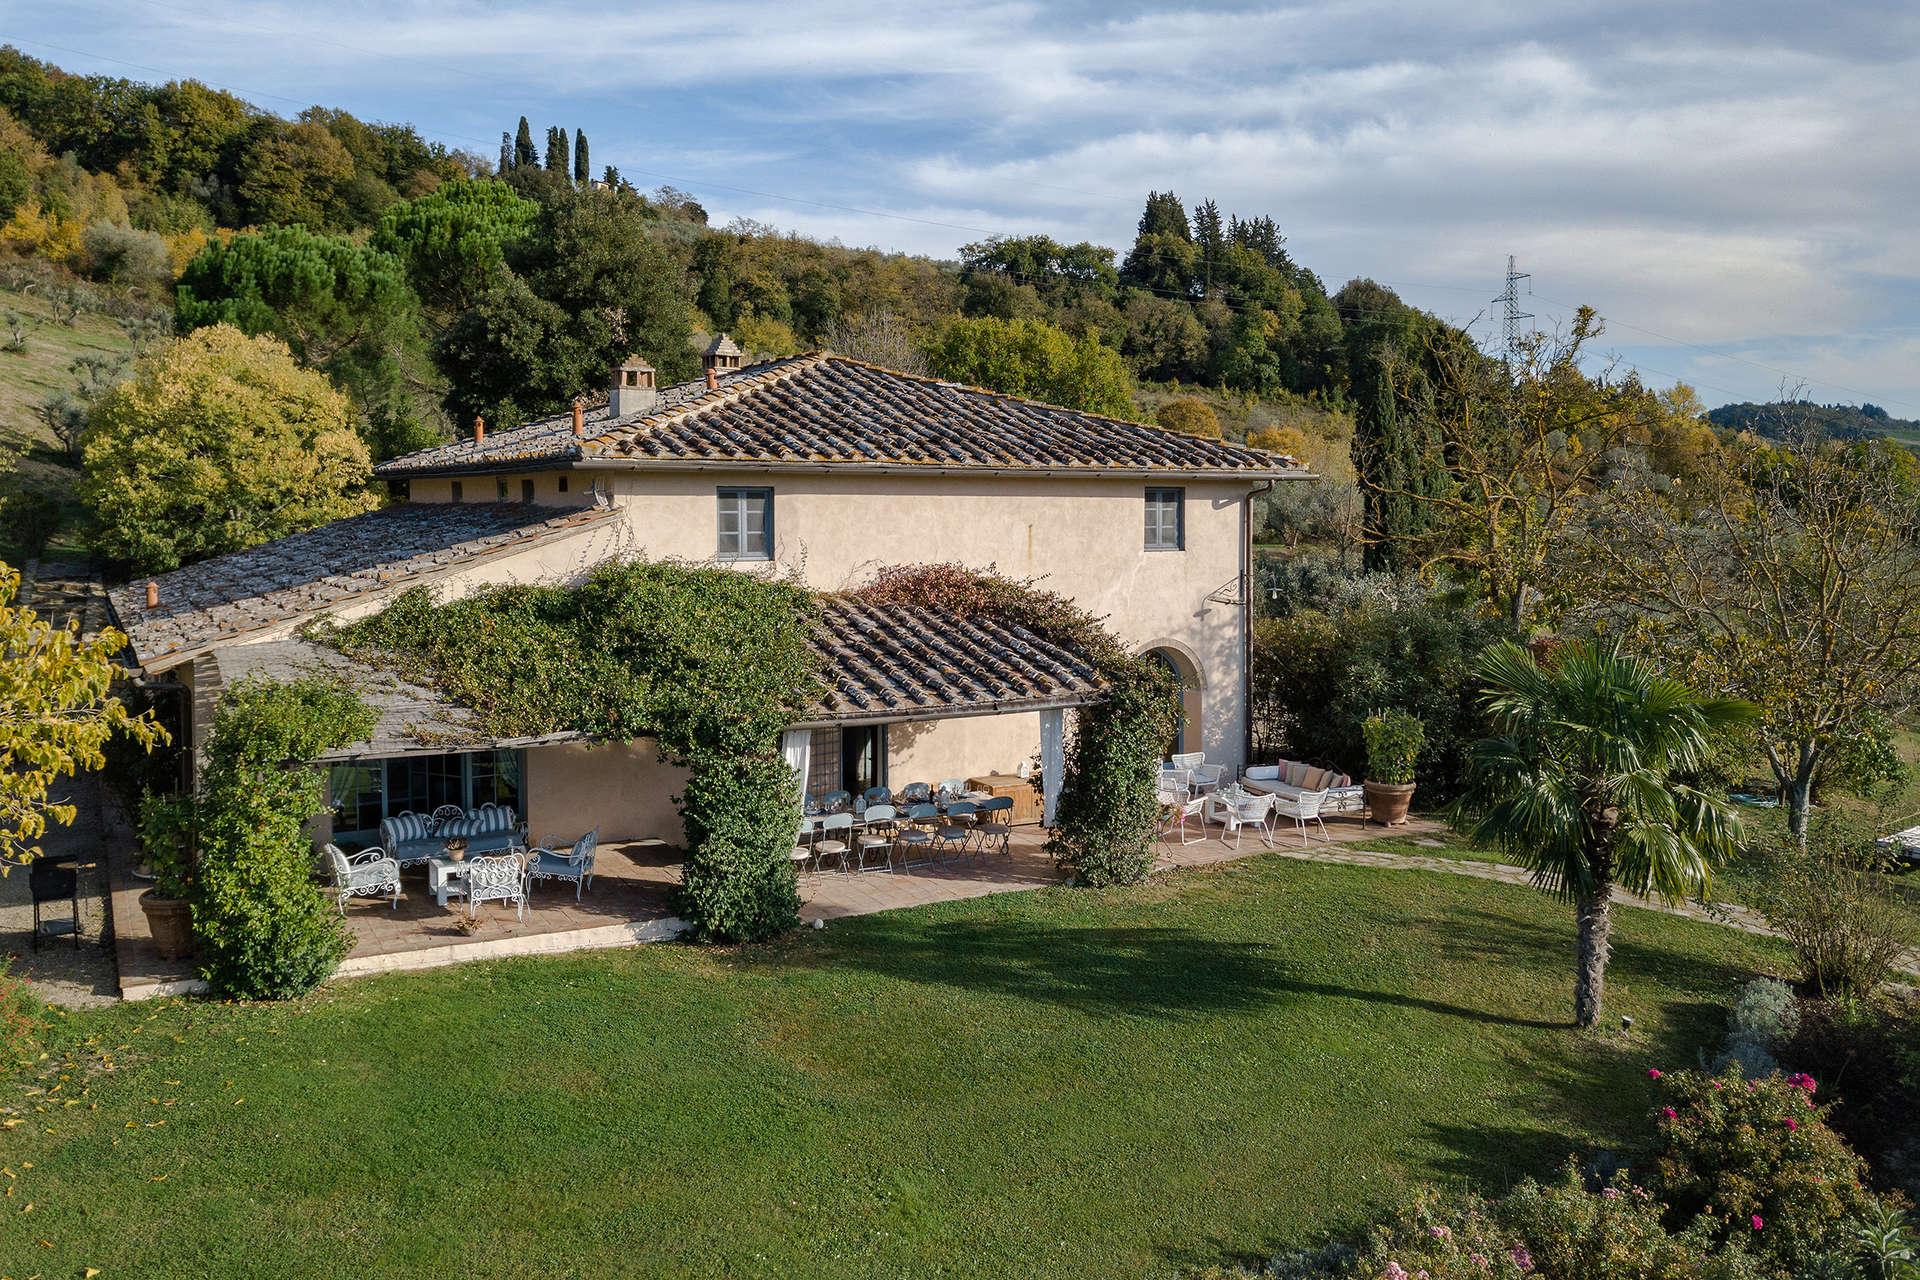 Luxury vacation rentals europe - Italy - Tuscany - Chia nti - Leonardo - Image 1/22